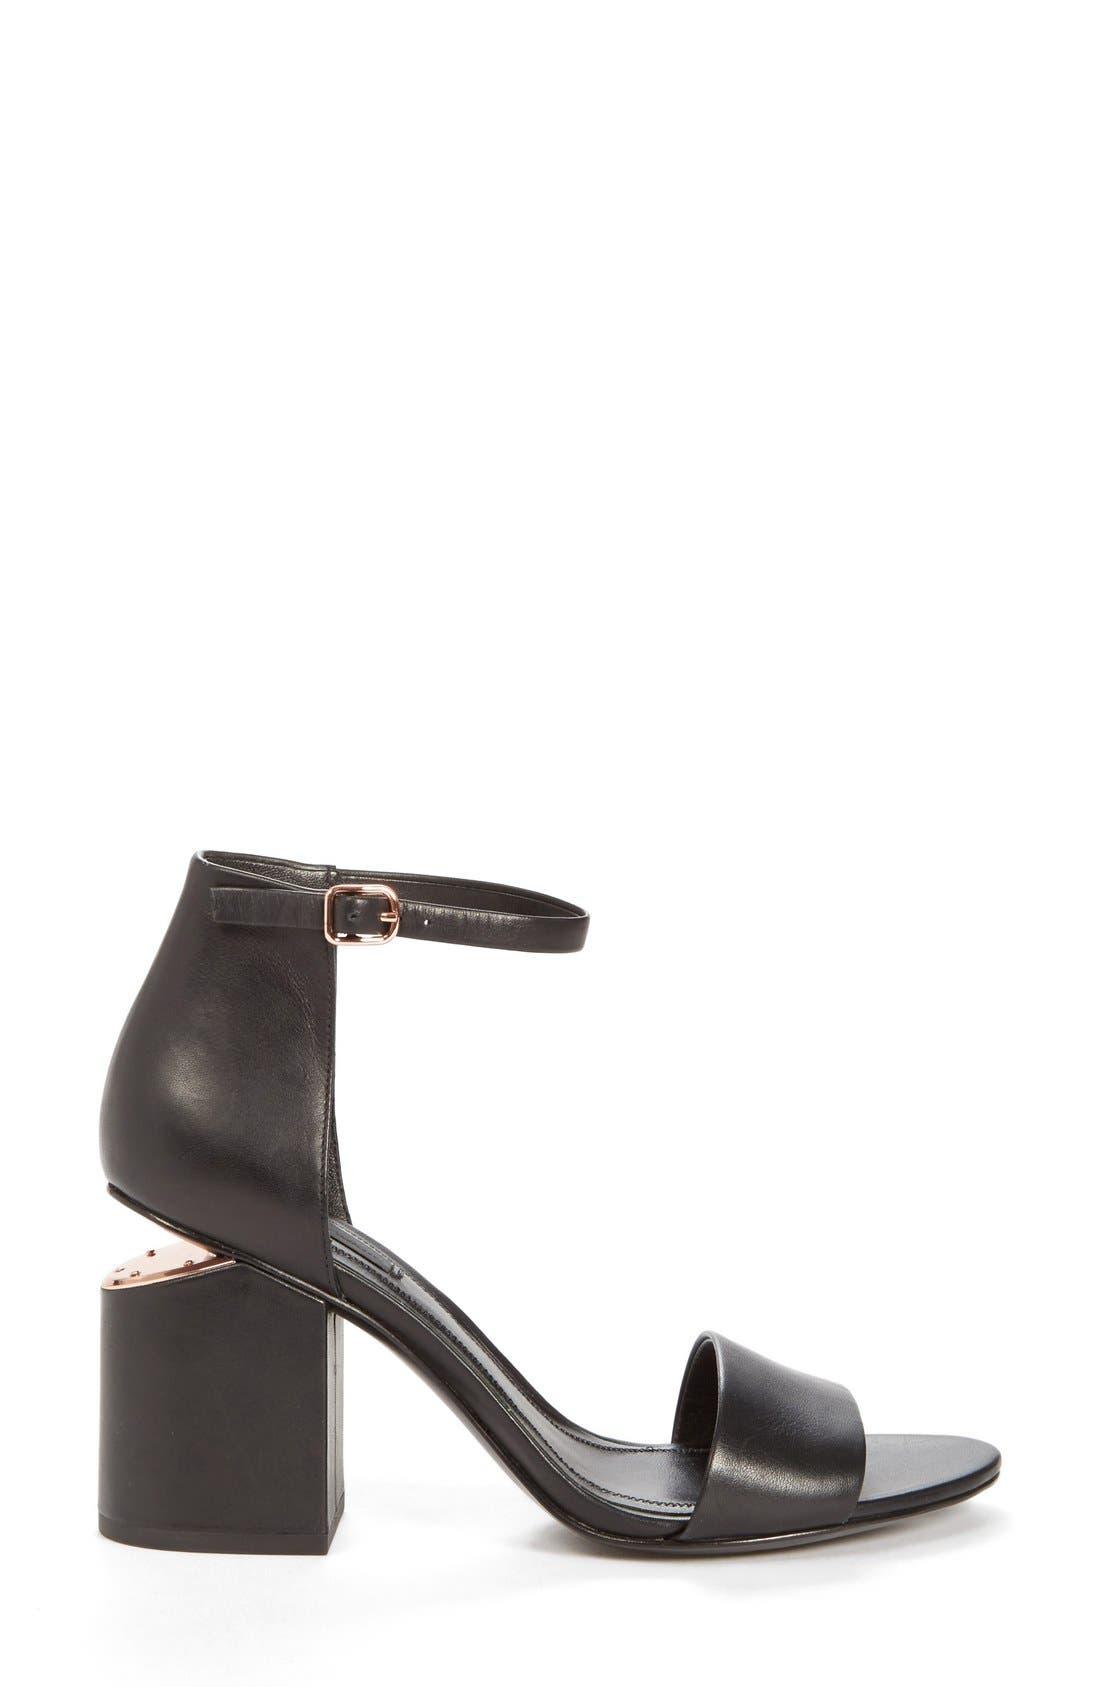 'Abby' Ankle Strap Sandal,                             Alternate thumbnail 2, color,                             BLACK/ ROSE GOLD